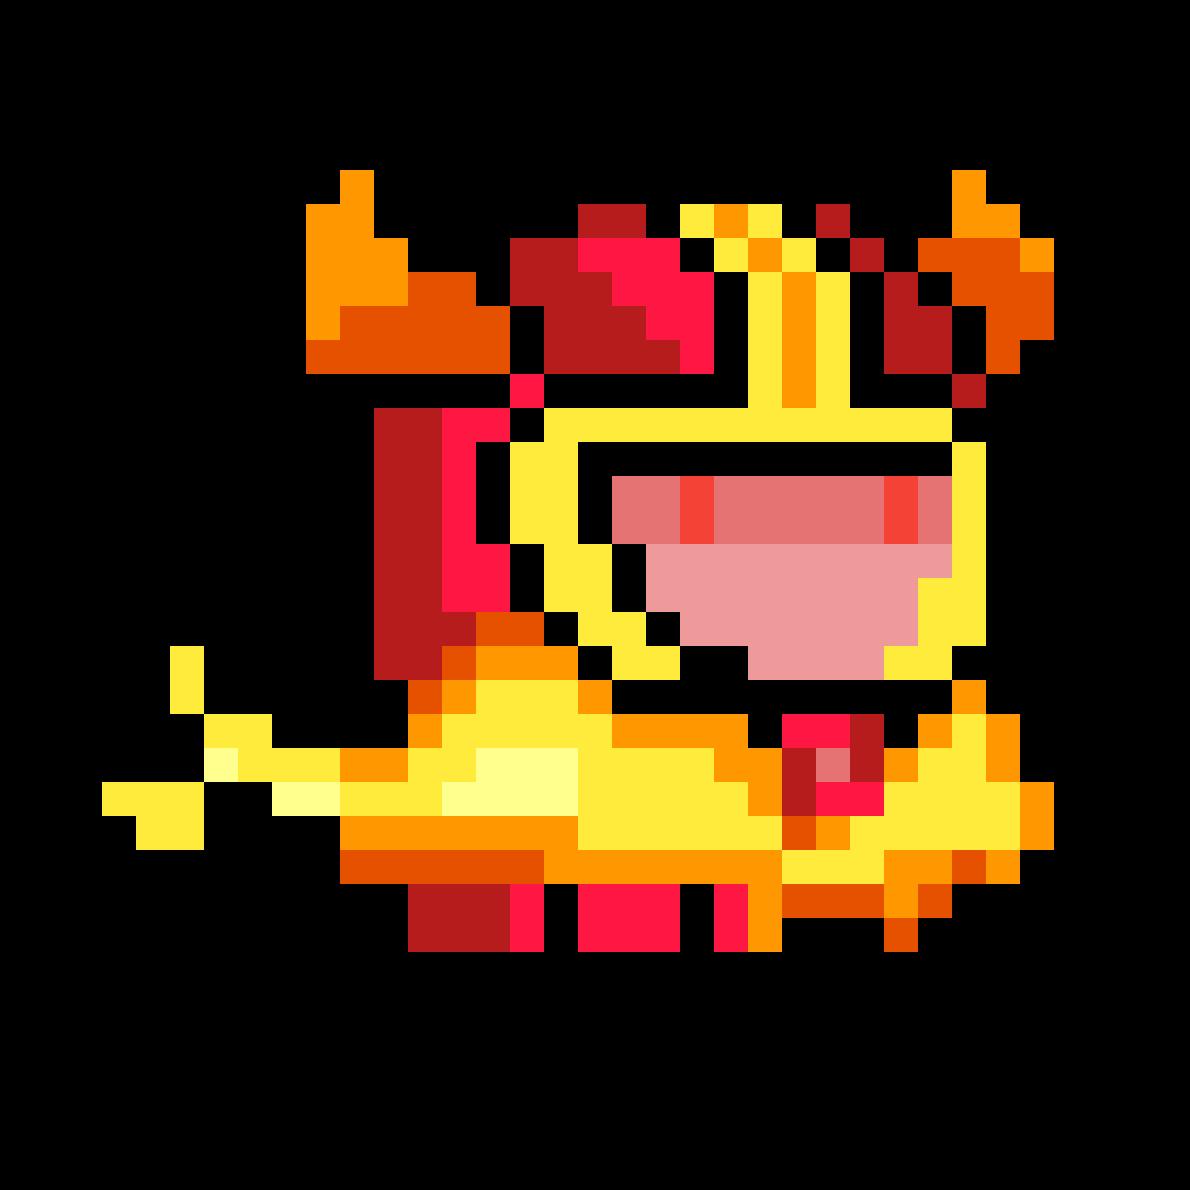 Fire Knight (Soul Knight) by JbezoarJr